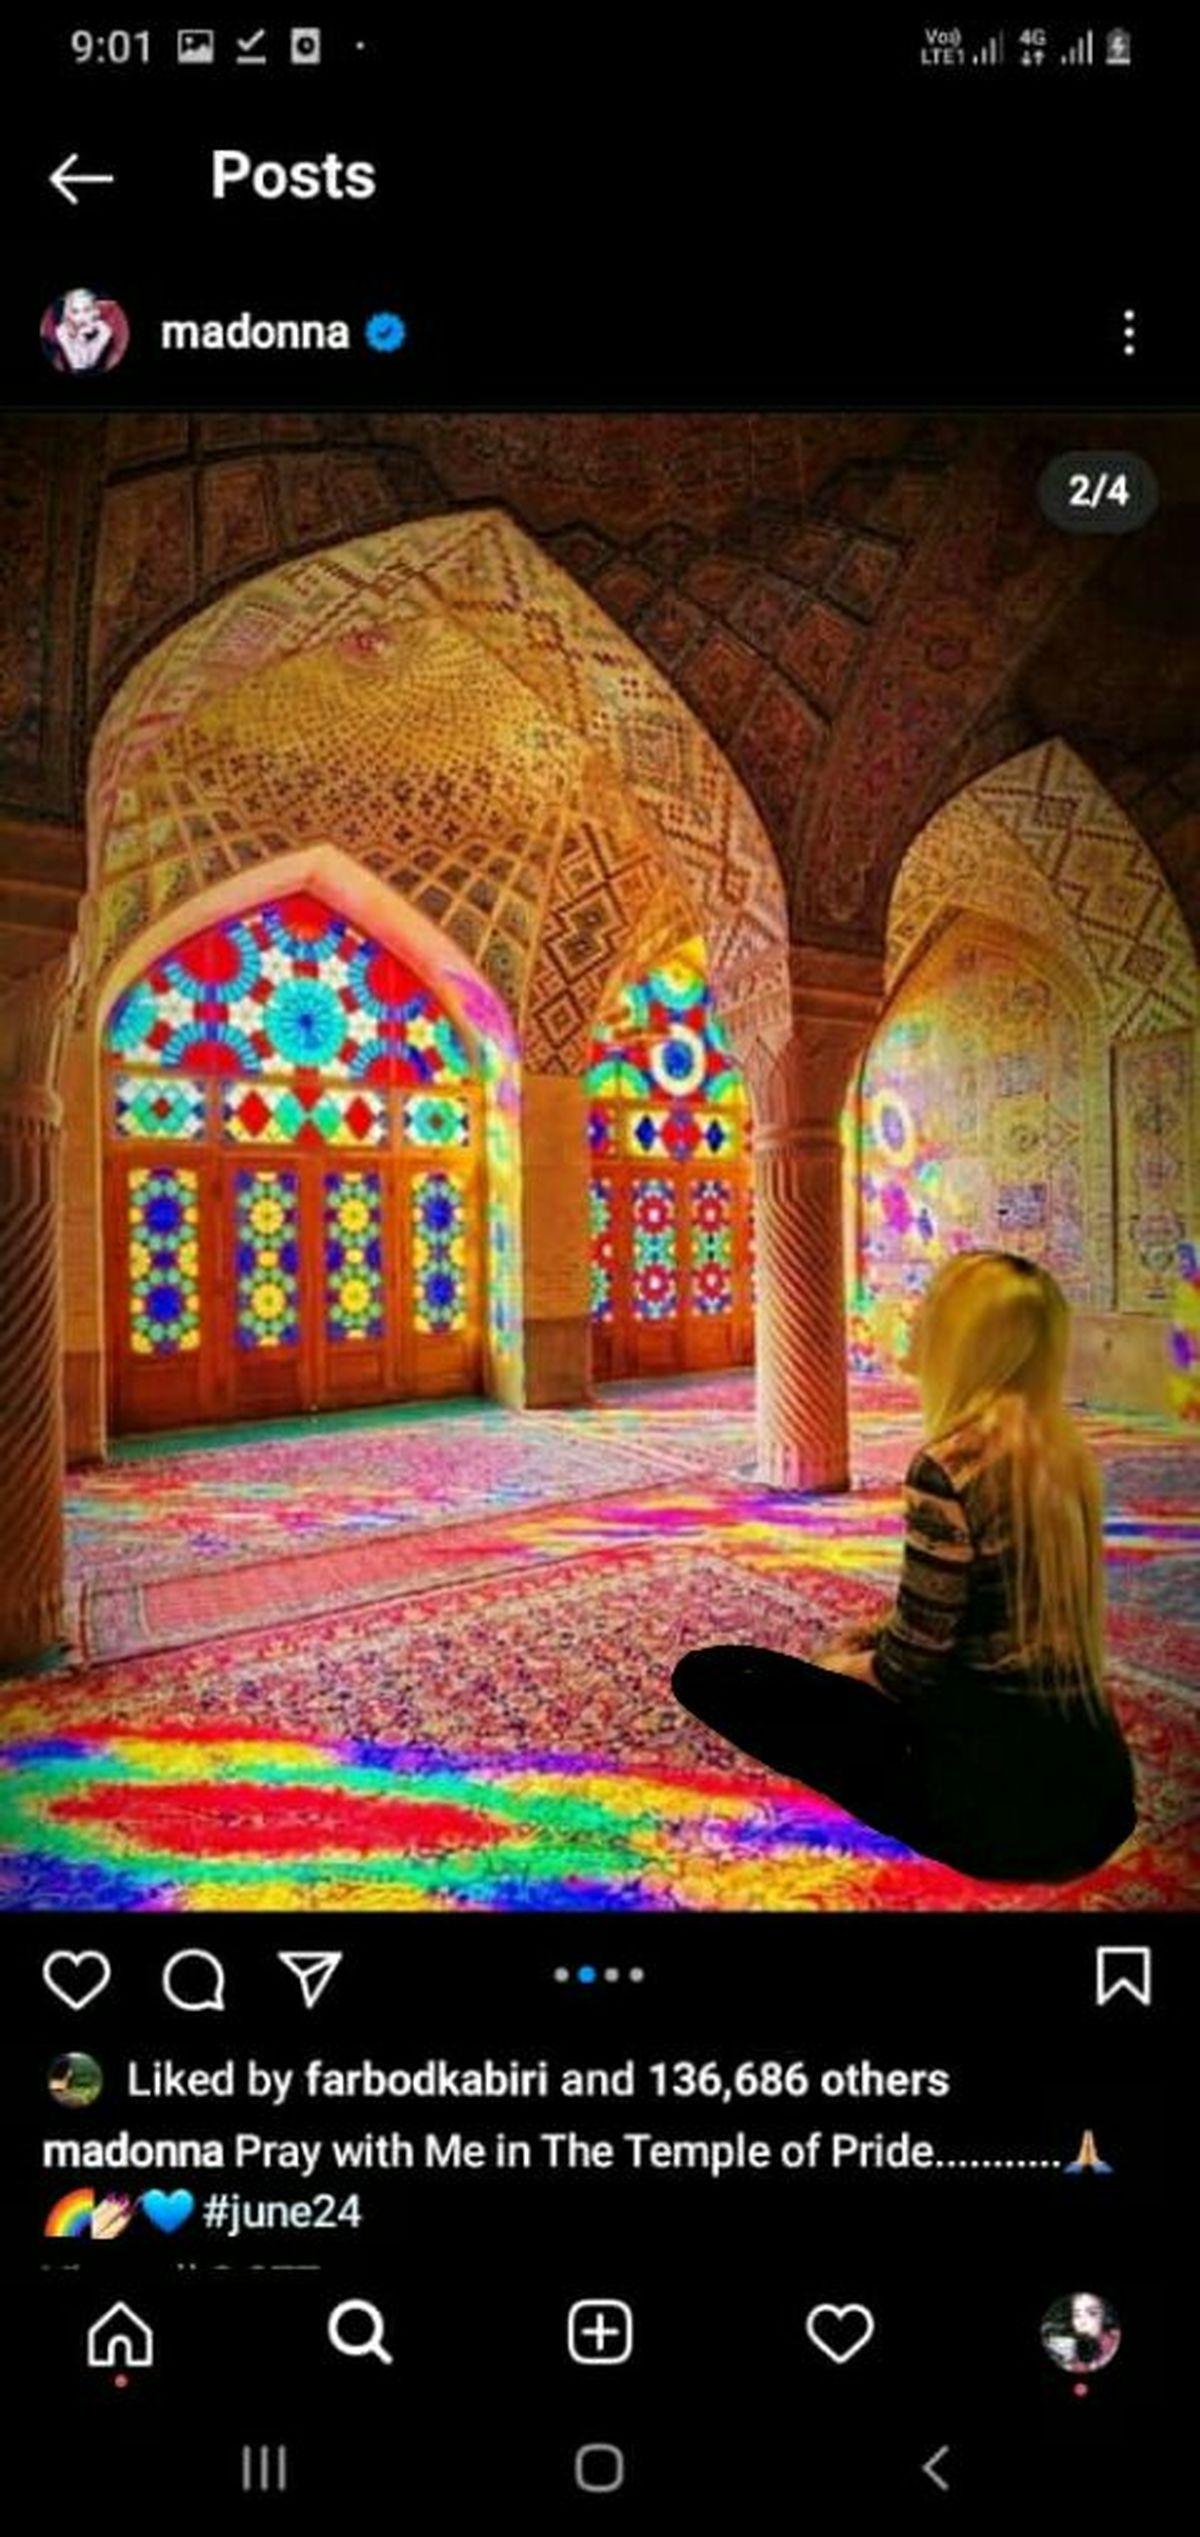 مدونا در مسجد نصیرالملک/ خدا نزدیک است